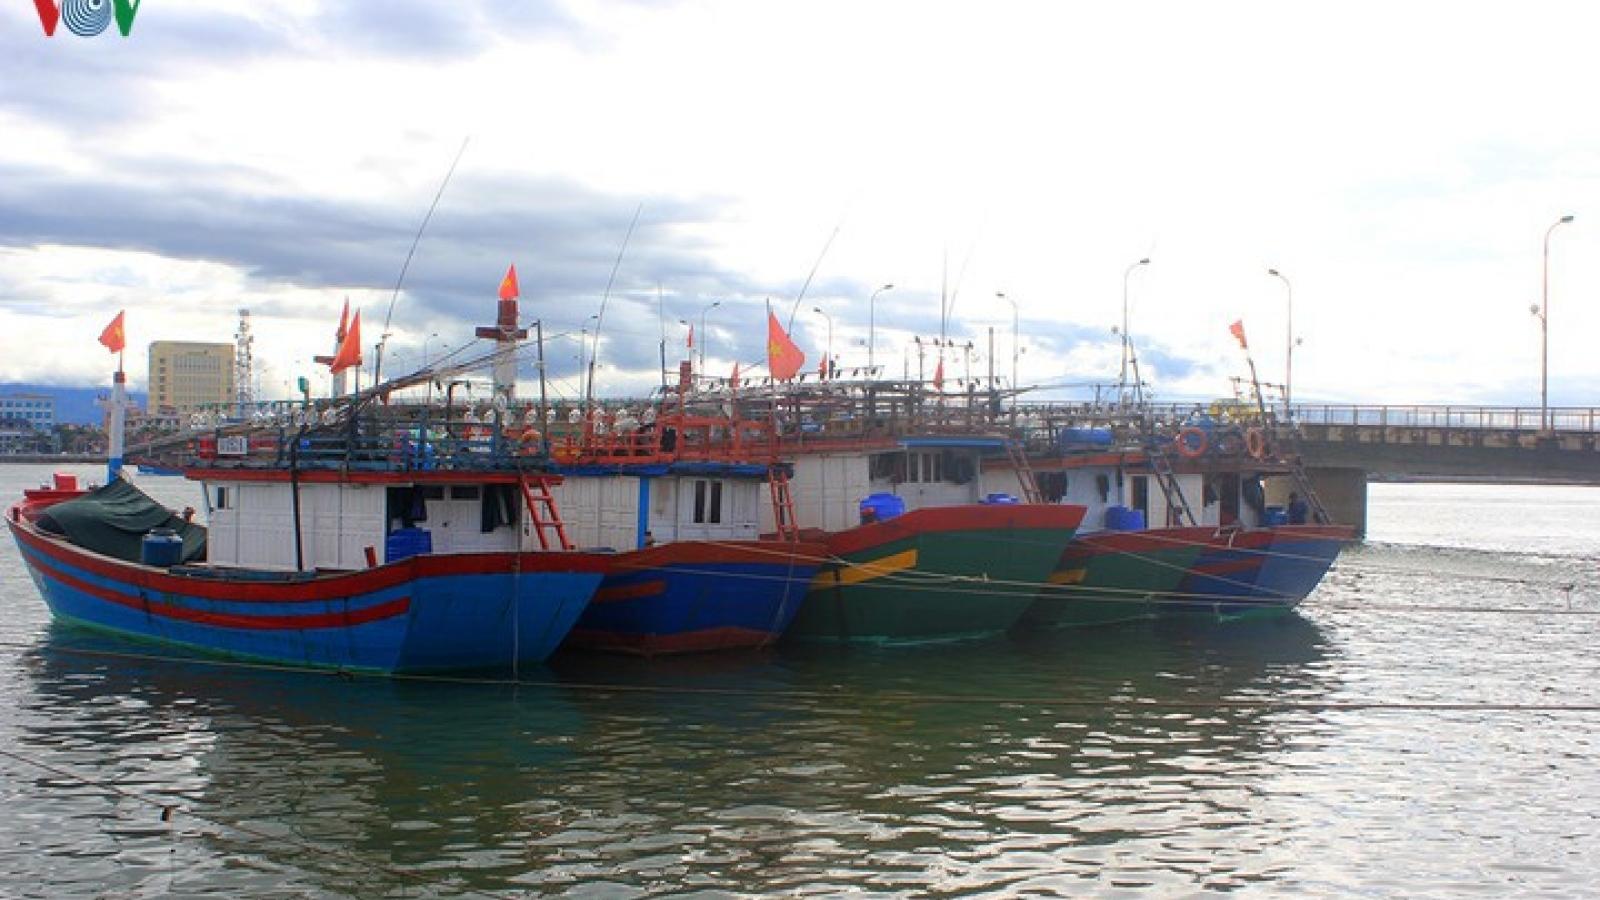 Bình Định hoàn thành lắp thiết bị giám sát hành trình tàu cá trước 30/4